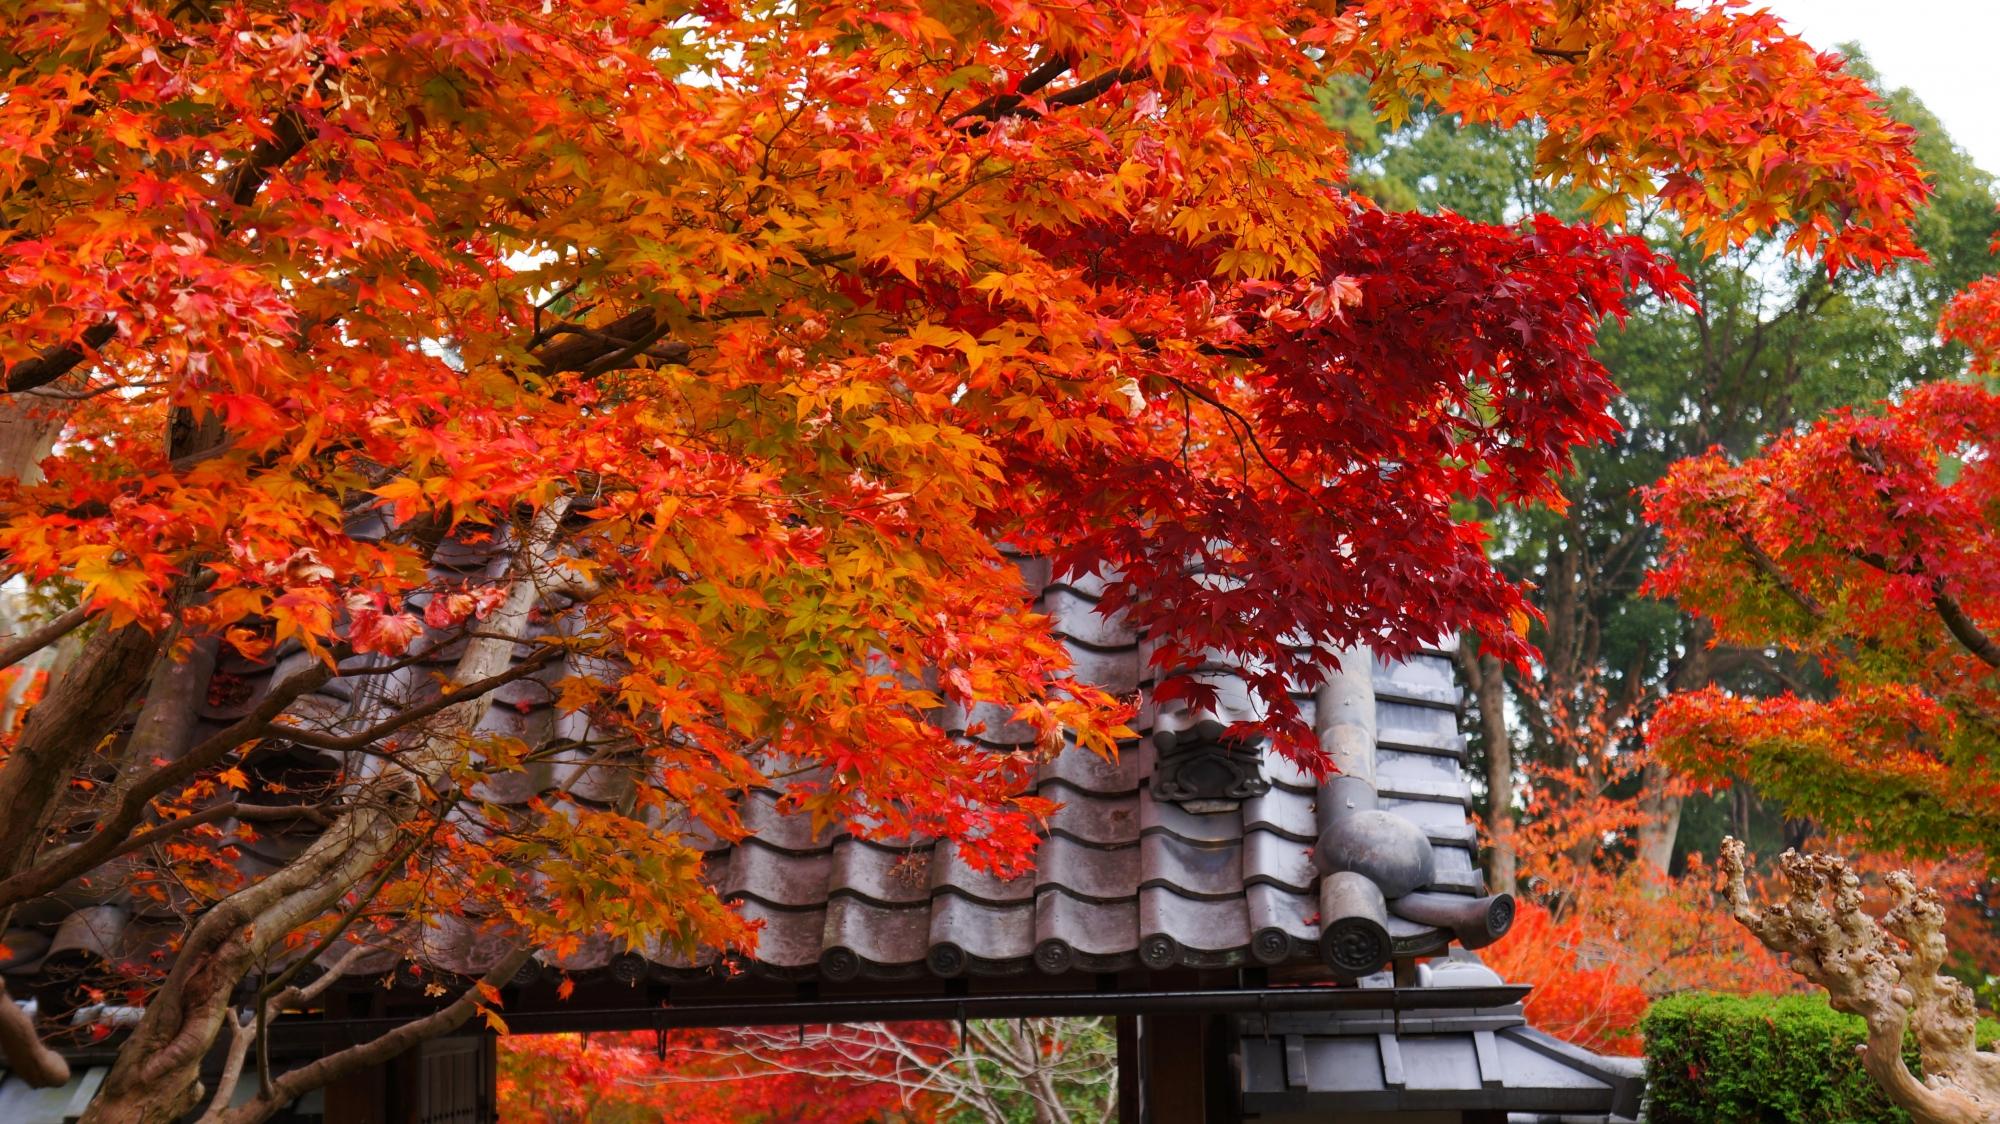 煌くような発色の良い紅葉